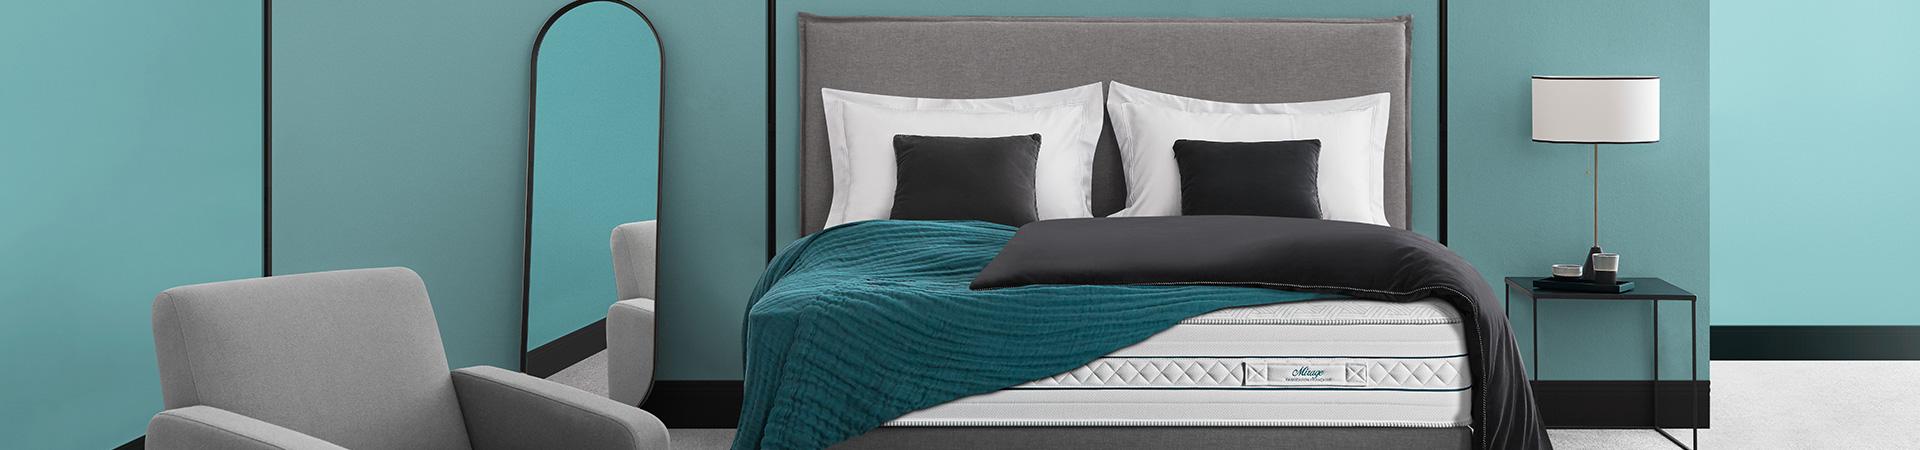 Literie à Saint-Malo : matelas, tête de lit, lit